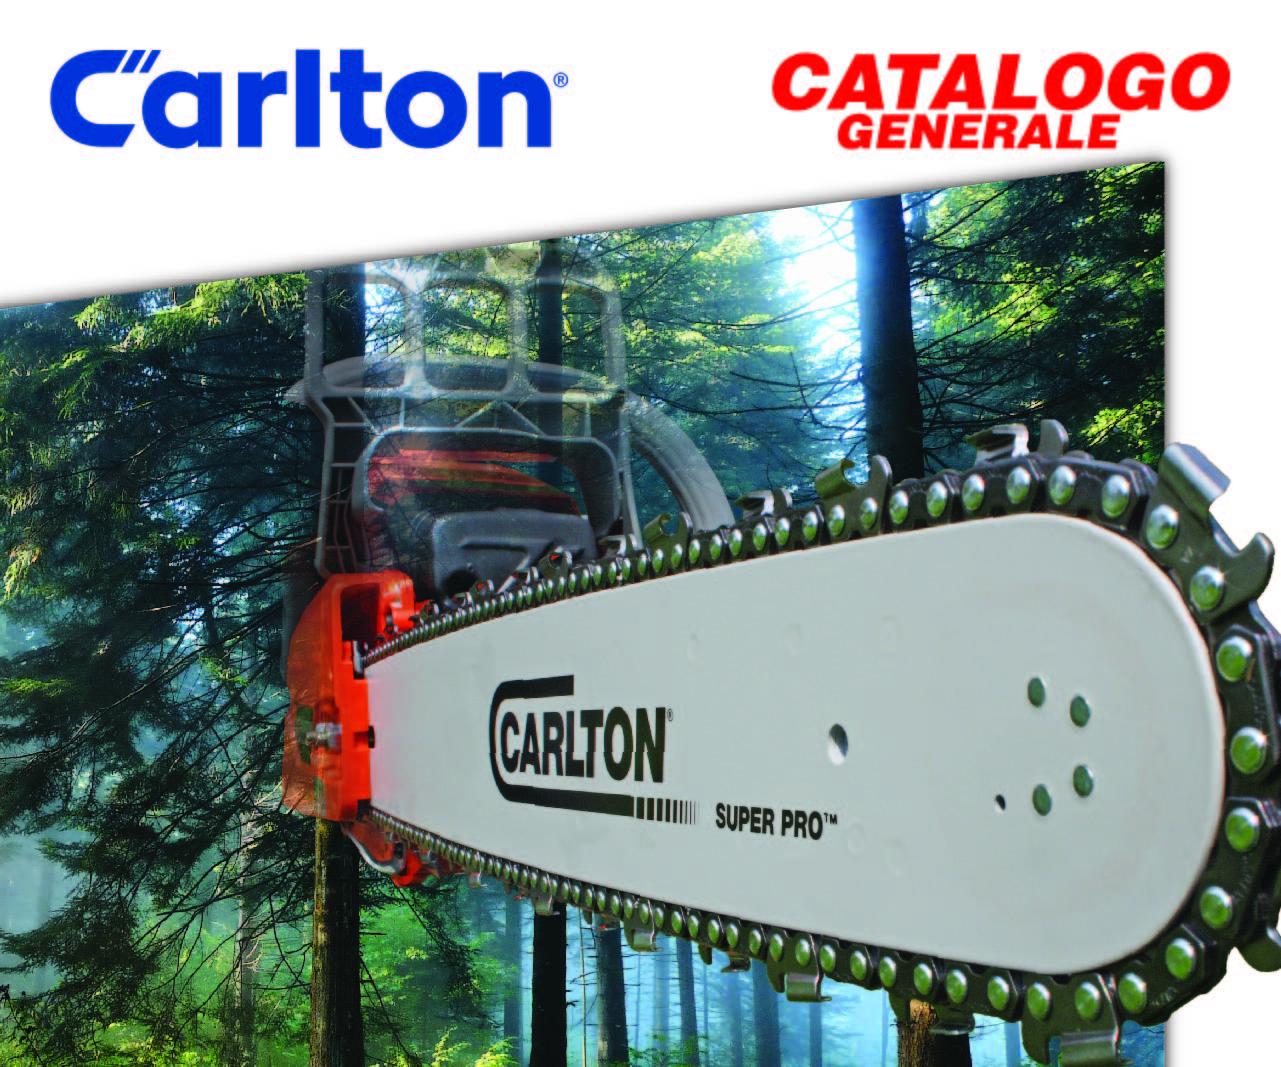 Carlton Accessori 2015